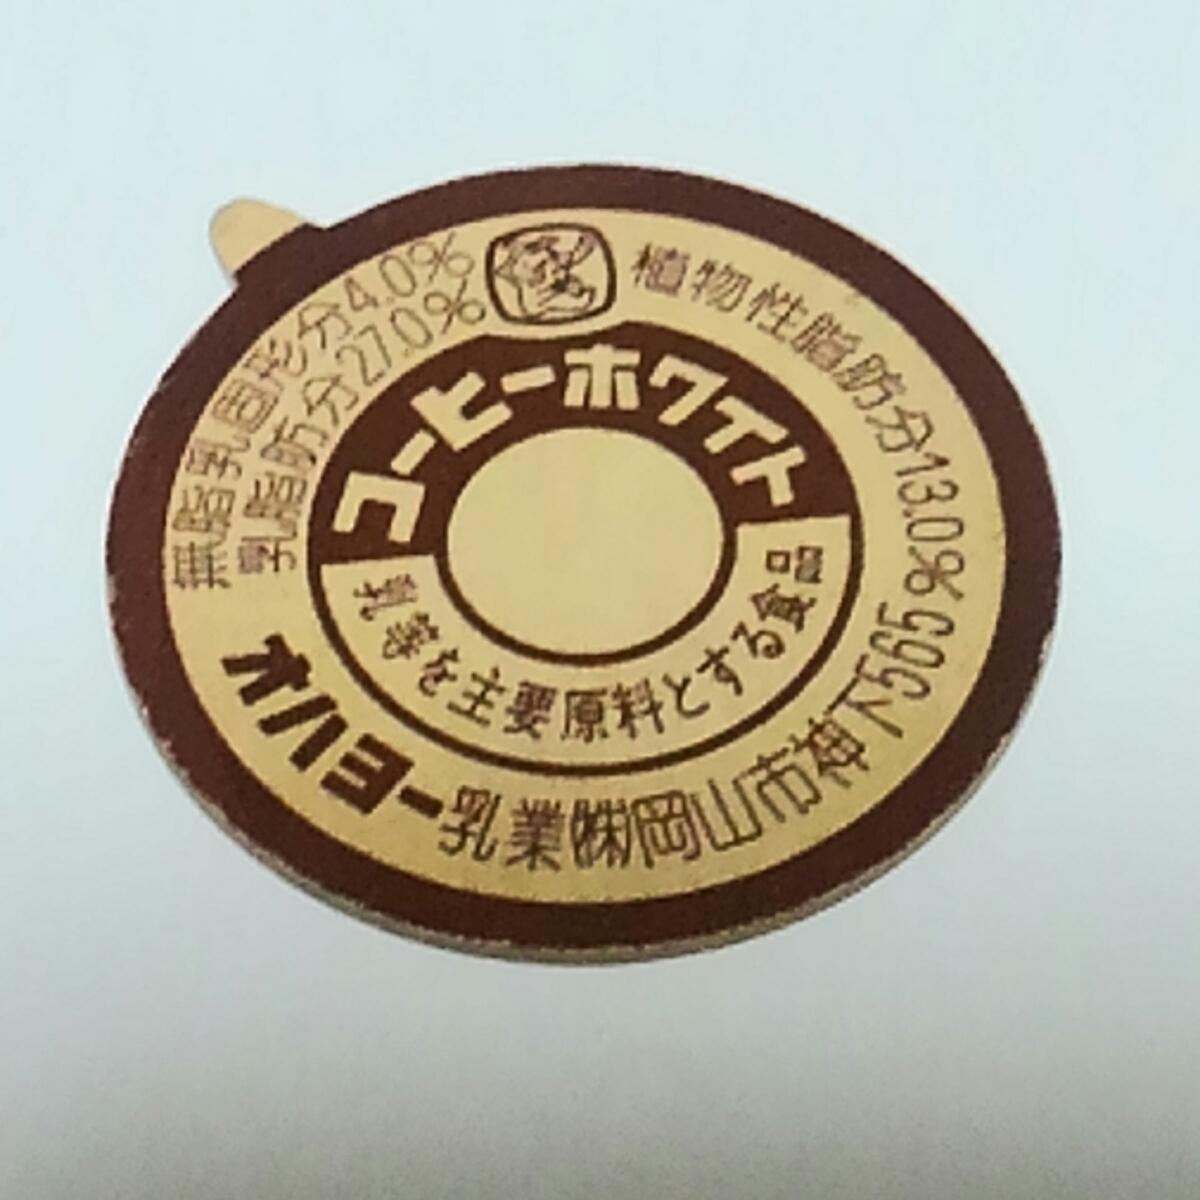 【牛乳キャップ】約35年前のコーヒークリームのビンのキャップ コーヒーホワイト 未使用 岡山県/オハヨー乳業(株)